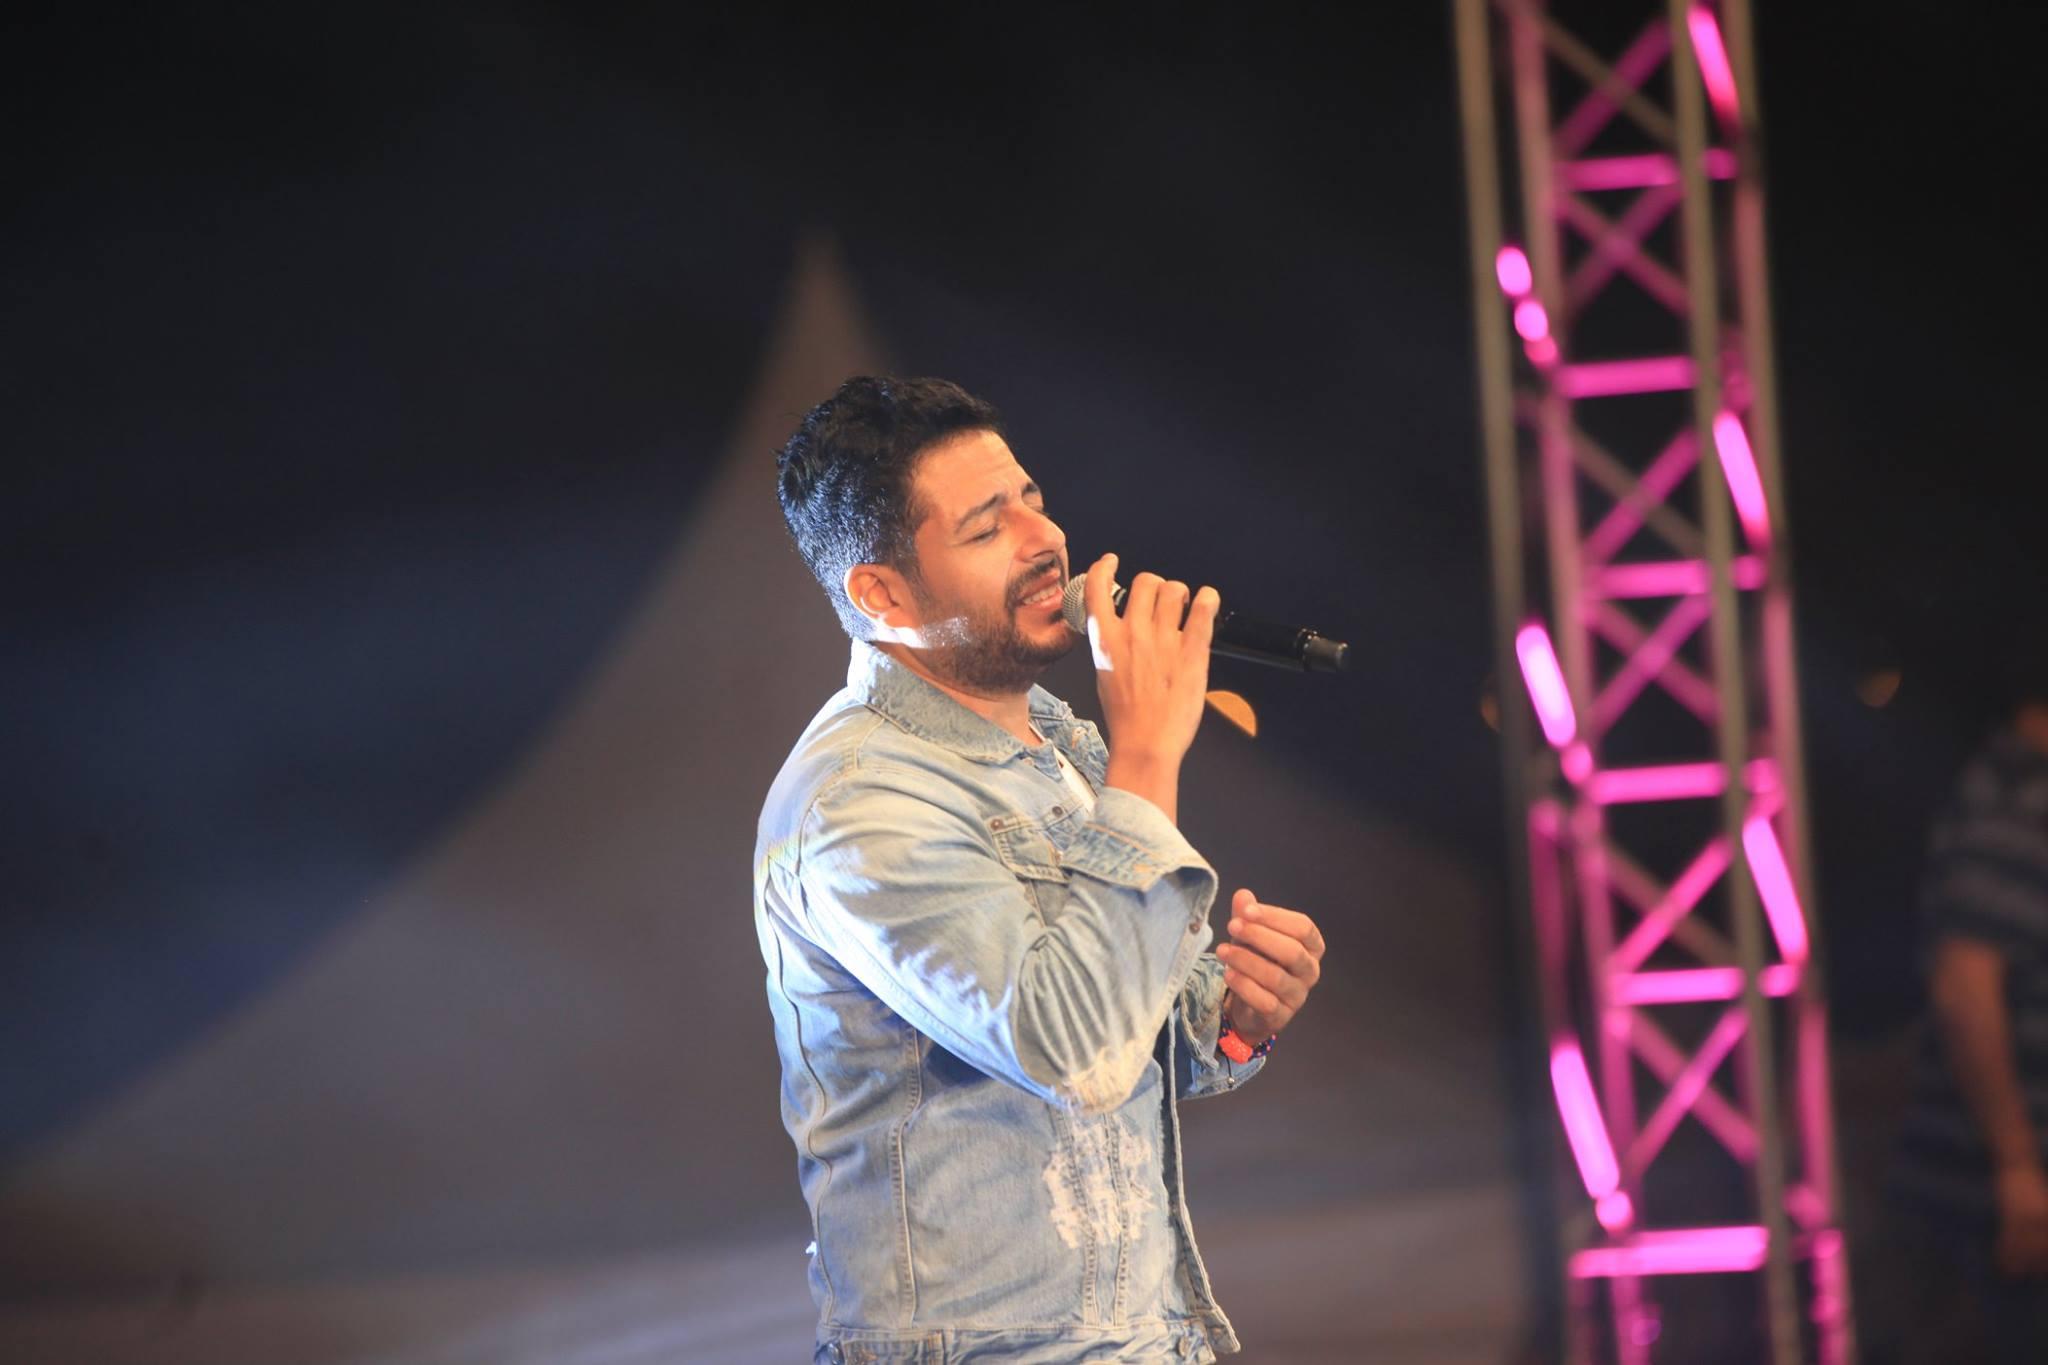 حماقى يشدو بأغانيه خلال حفل الجامعة الأمريكية